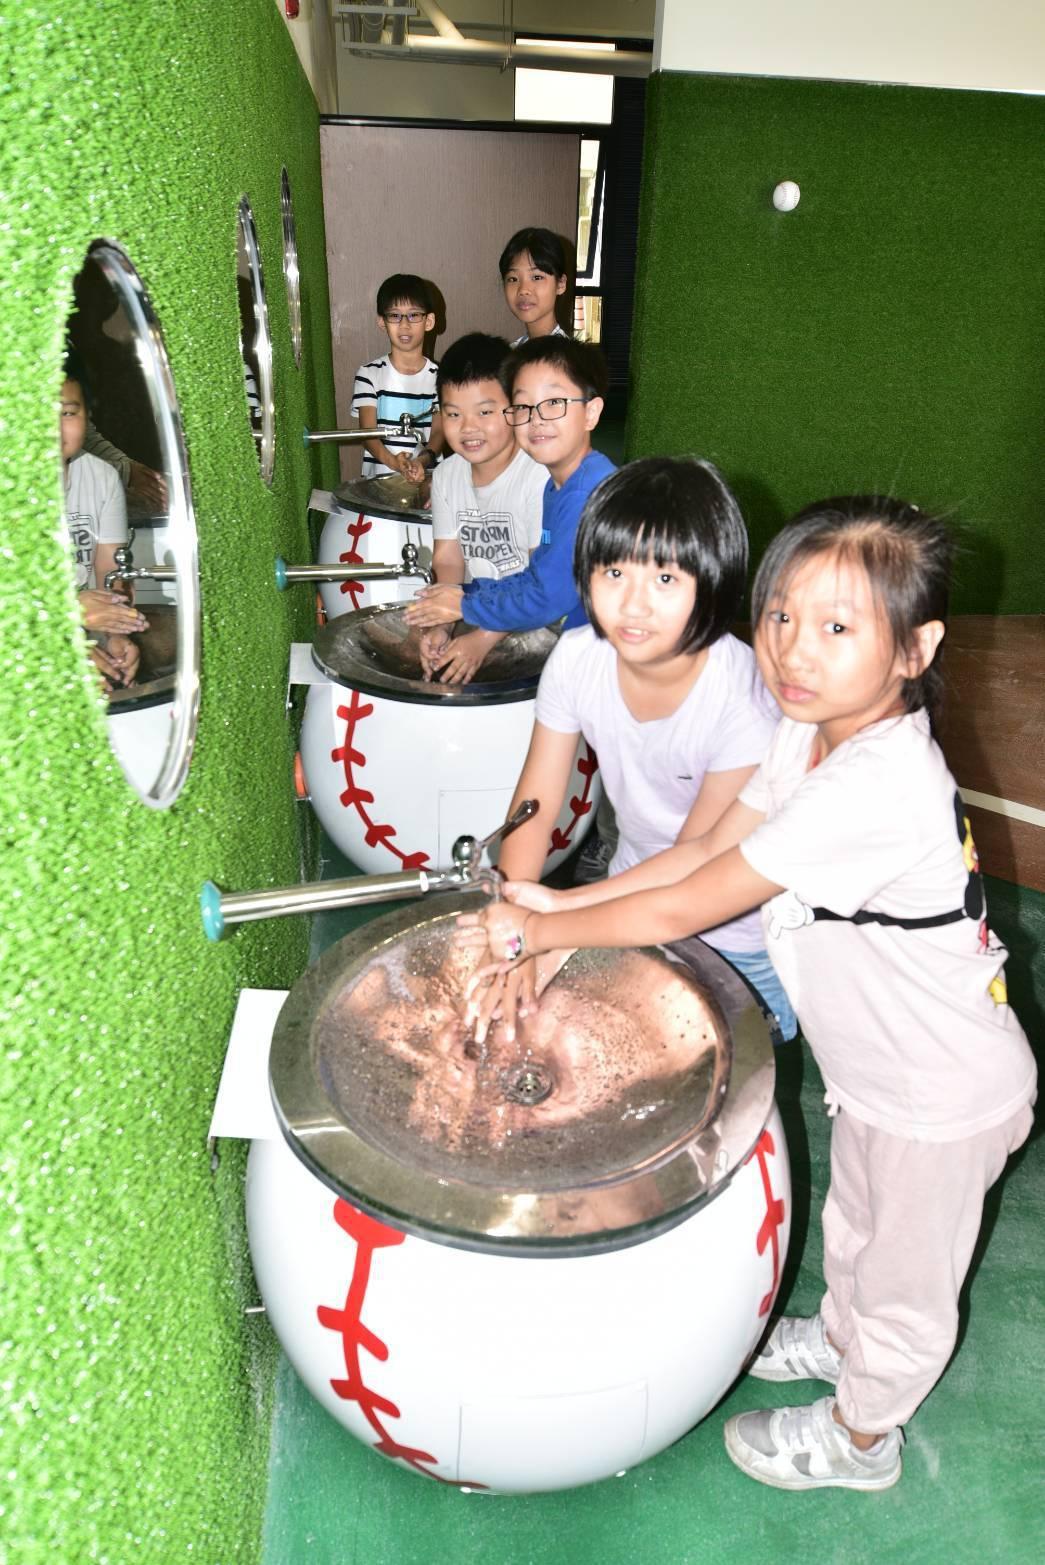 高雄市小港區桂林國小改建老廁所,呈現「運動主題風」,打造出棒球場域空間意象。圖/...